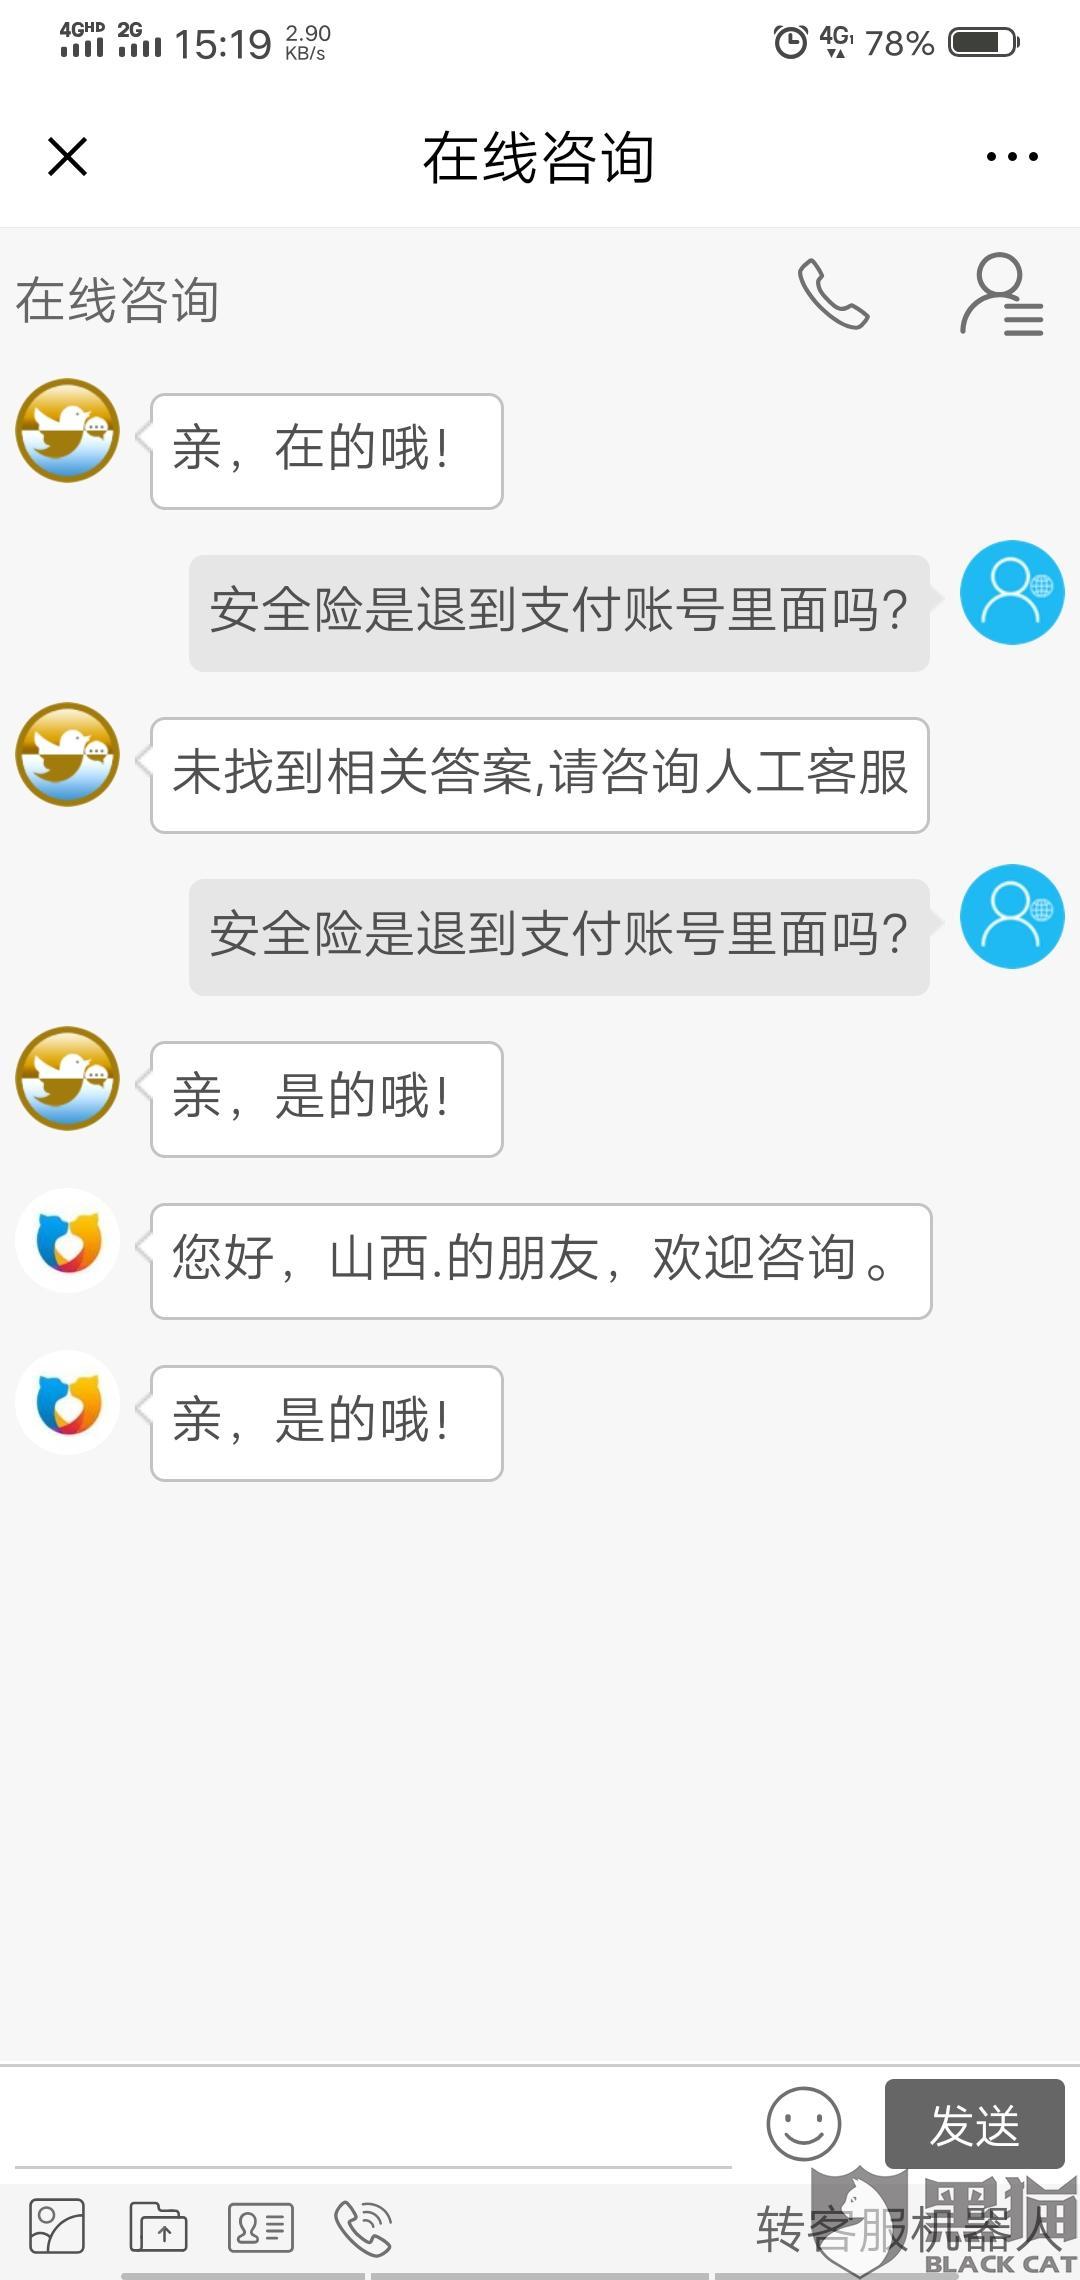 黑猫投诉:冒充咸鱼客服给我发QQ邮箱要求支付1000元保险费